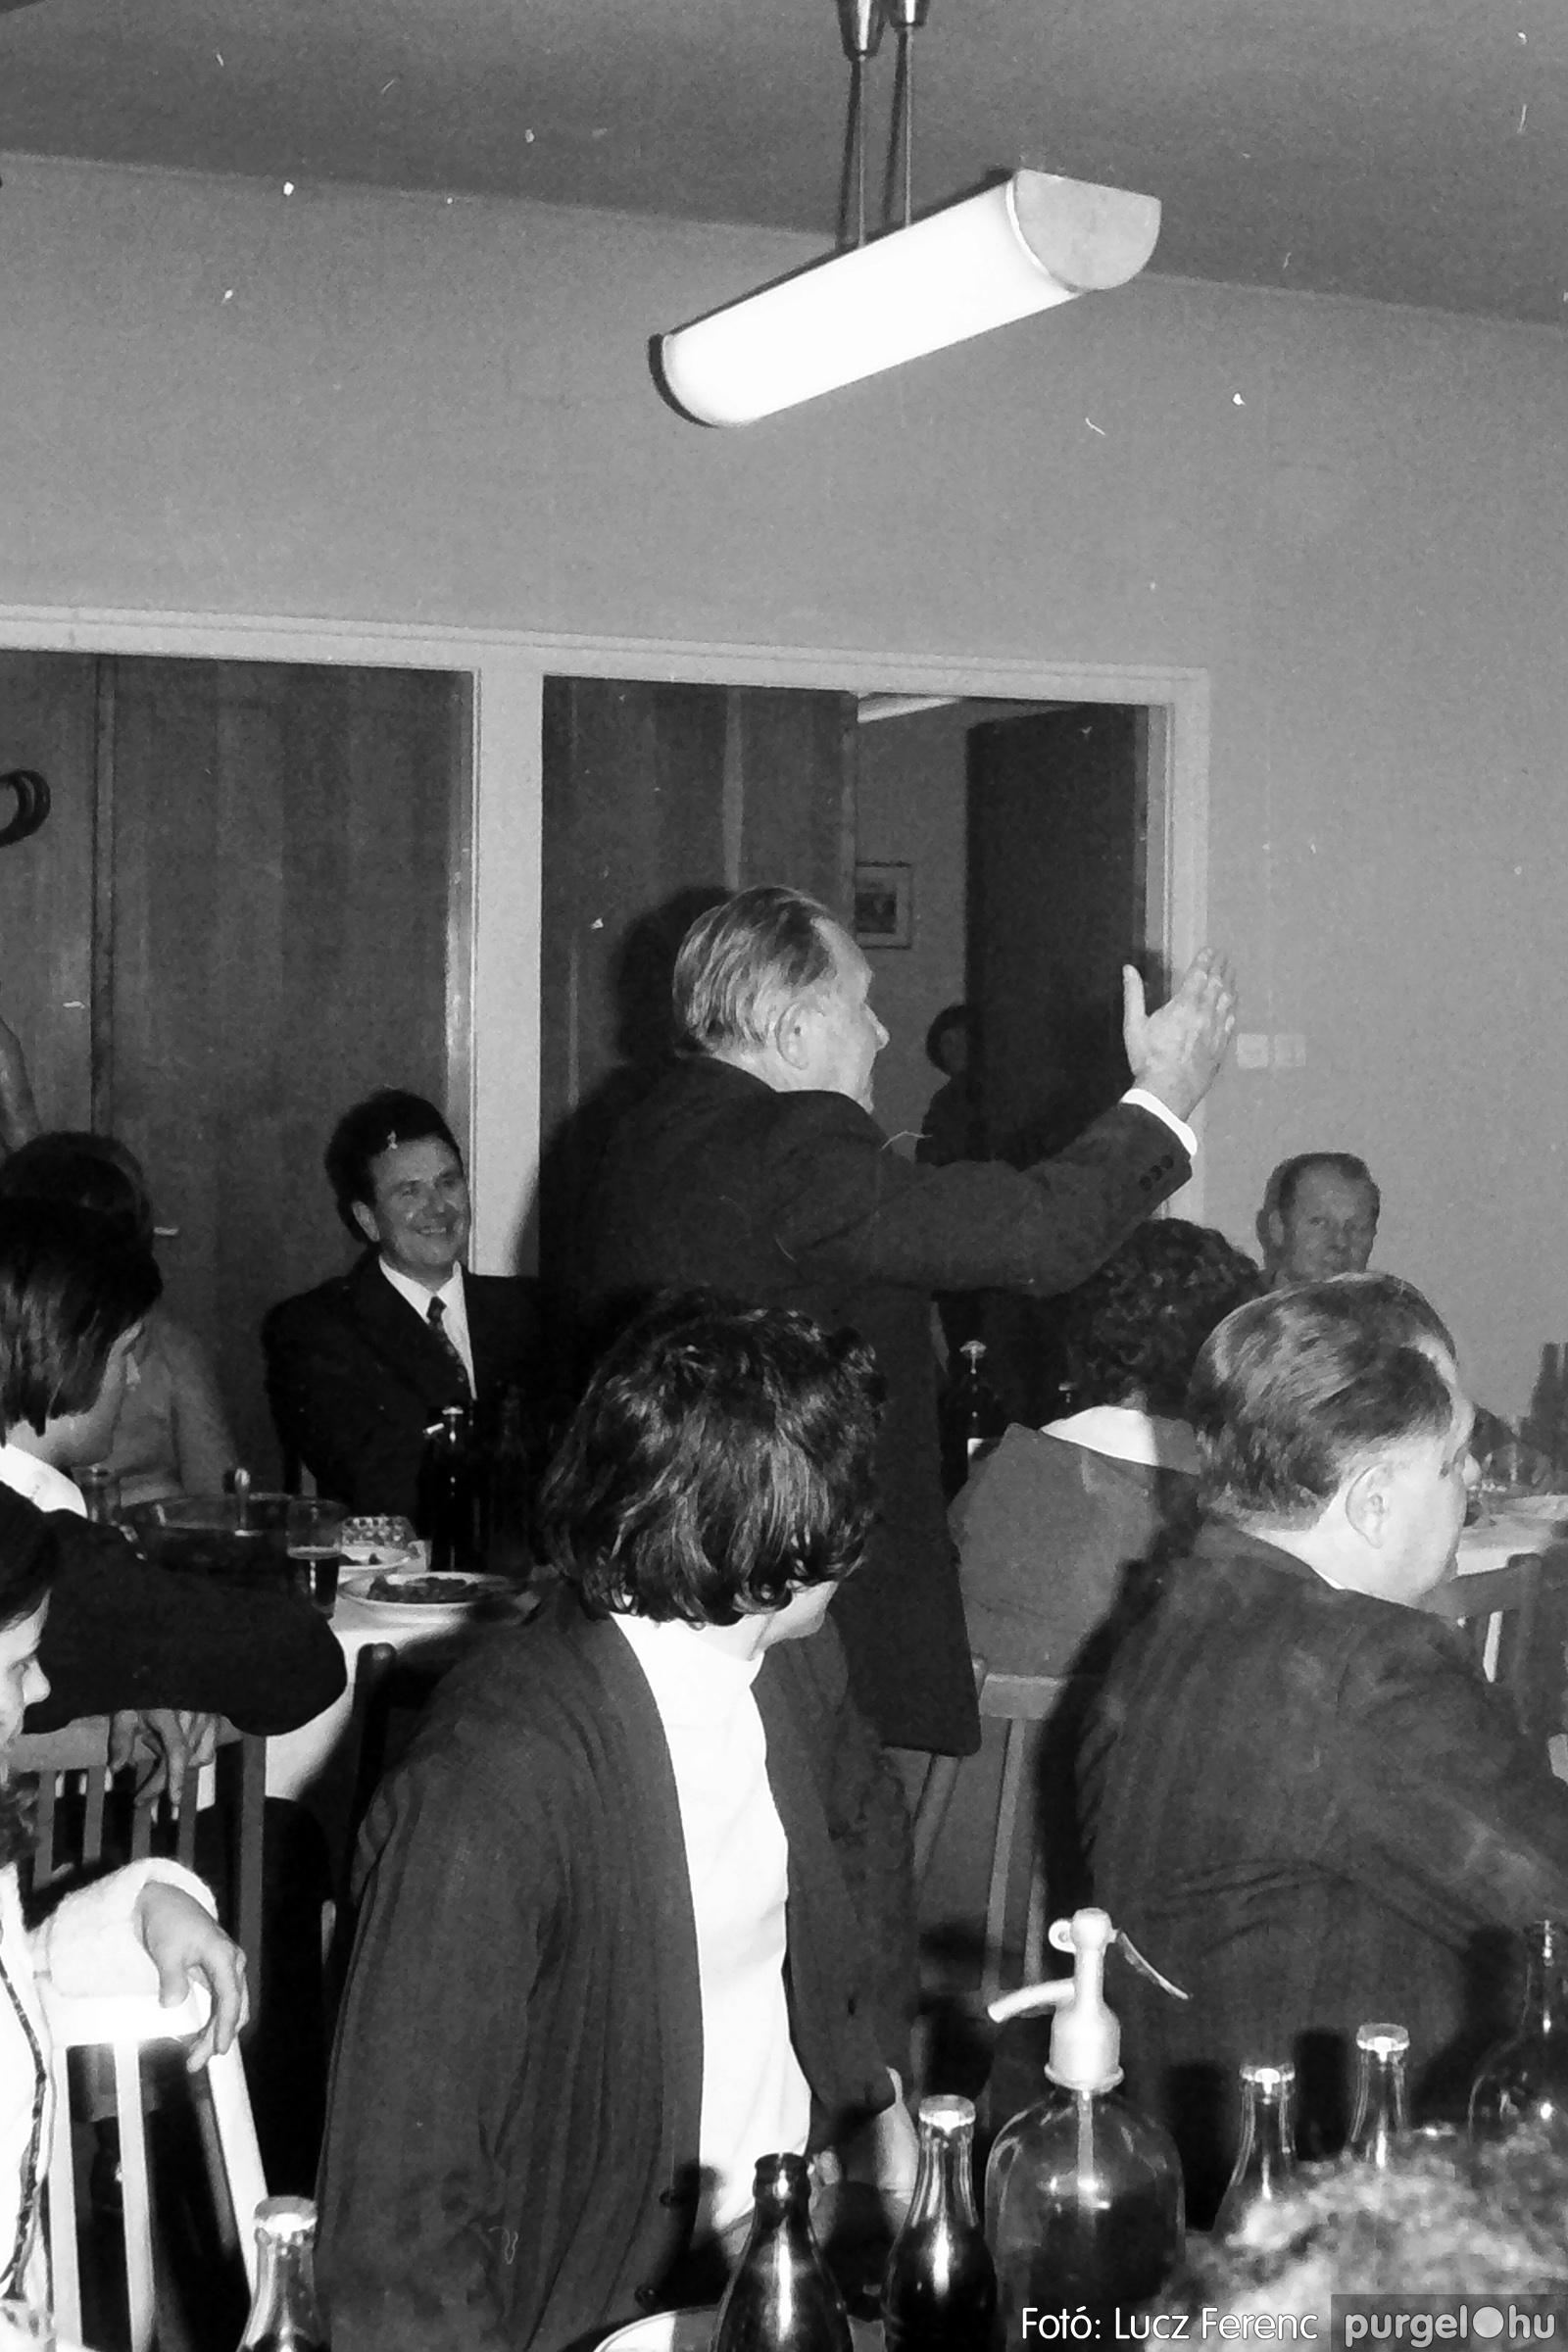 066-067. 1976. A Herkulesfürdői emlék című film ősbemutatója Szegváron 034. - Fotó: Lucz Ferenc.jpg